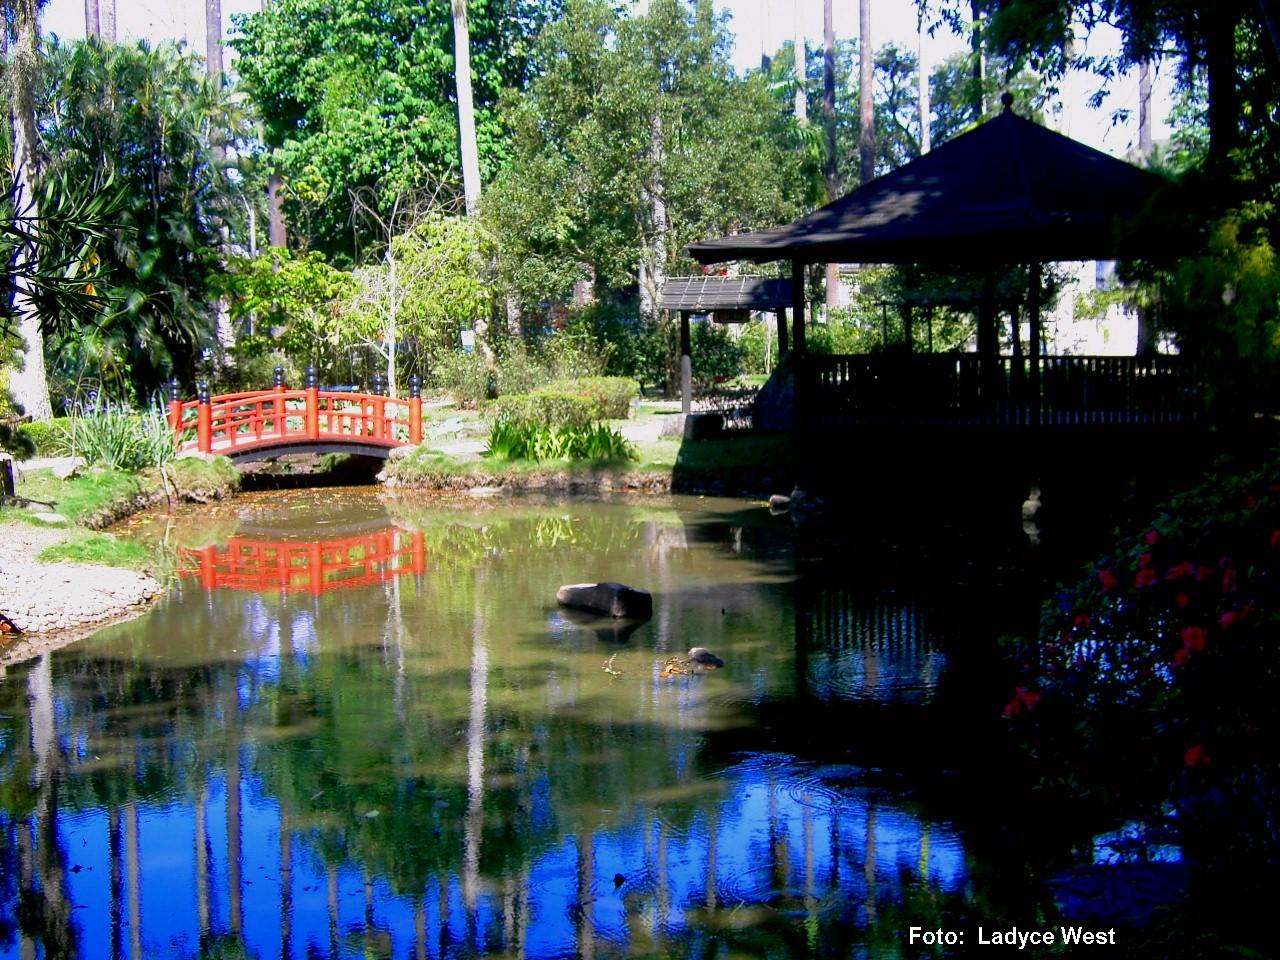 fotos jardim botanico do rio de janeiro:Manhã de sol no Rio de Janeiro, passeio no Jardim Botânico